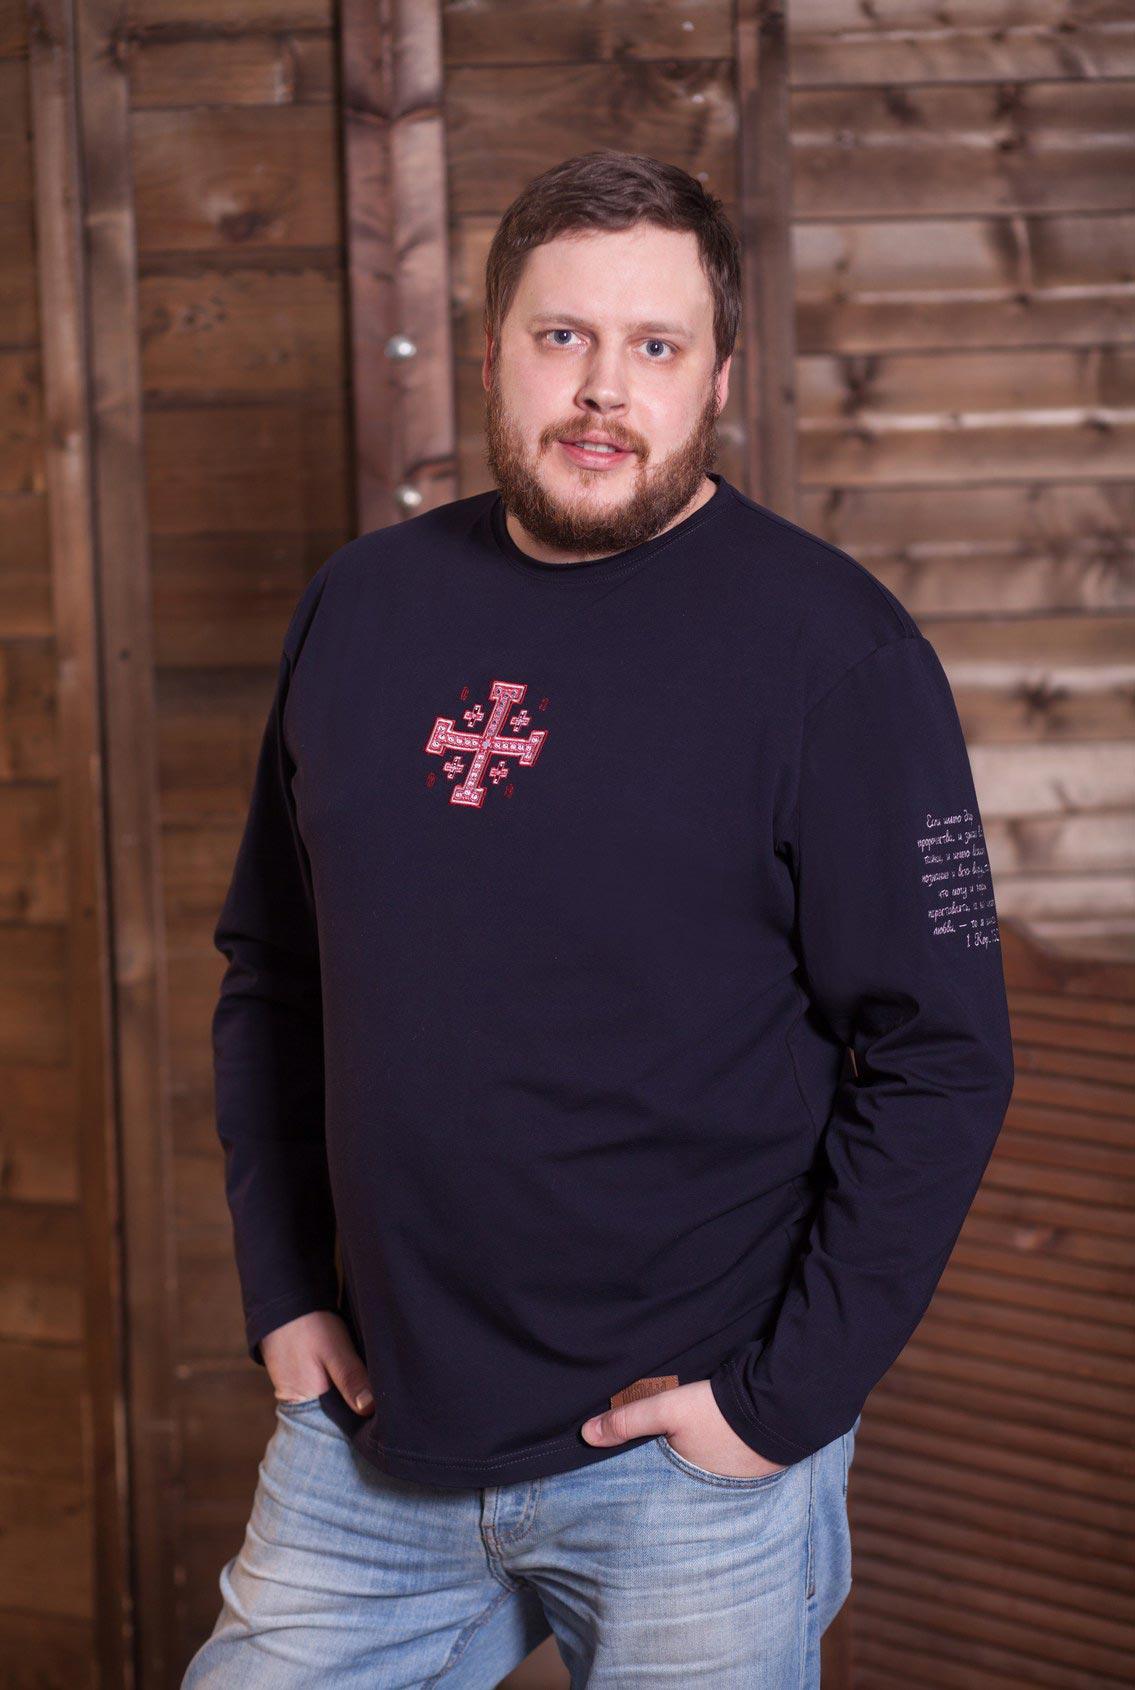 мужская православная одежда Христиания, men's orthodox clothes Christiania